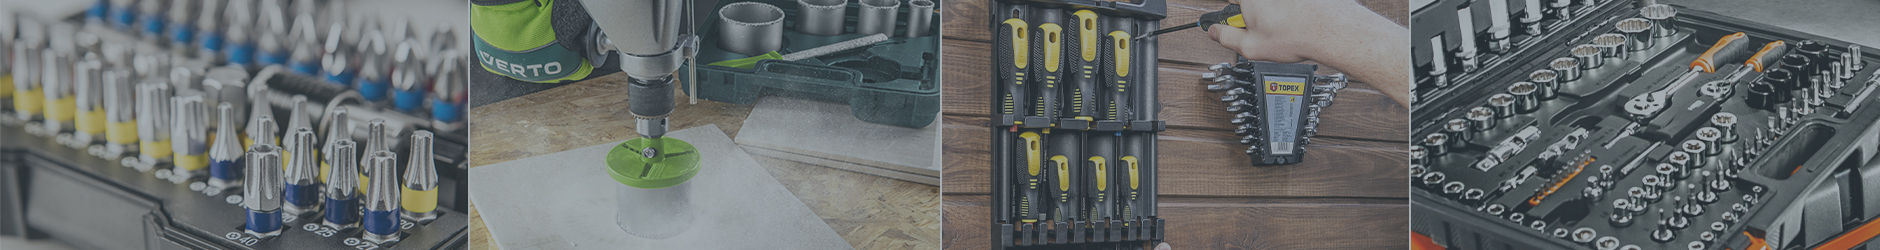 Zestawy narzędzi ręcznych i elektronarzędzi.